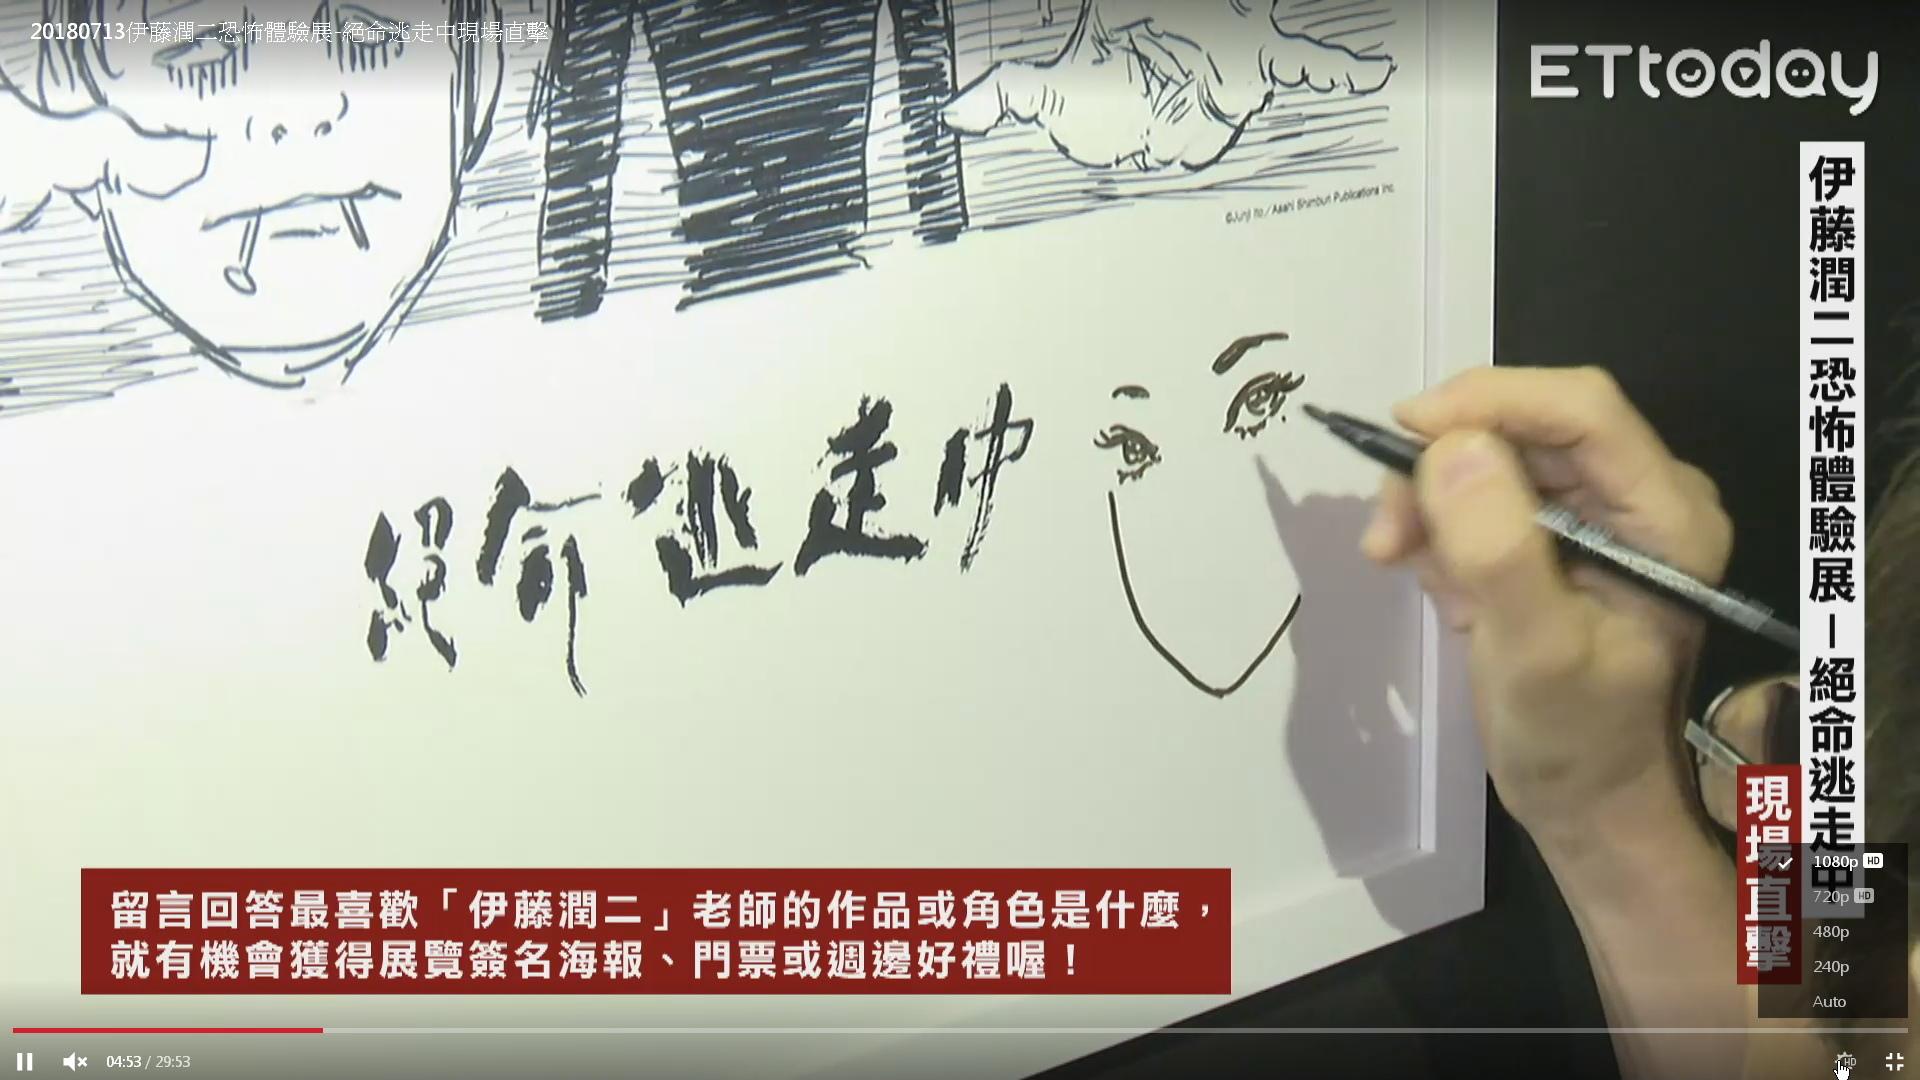 2018伊藤潤二恐怖體驗展 台北新光三越A9:伊藤潤二直播訪談 10.jpg